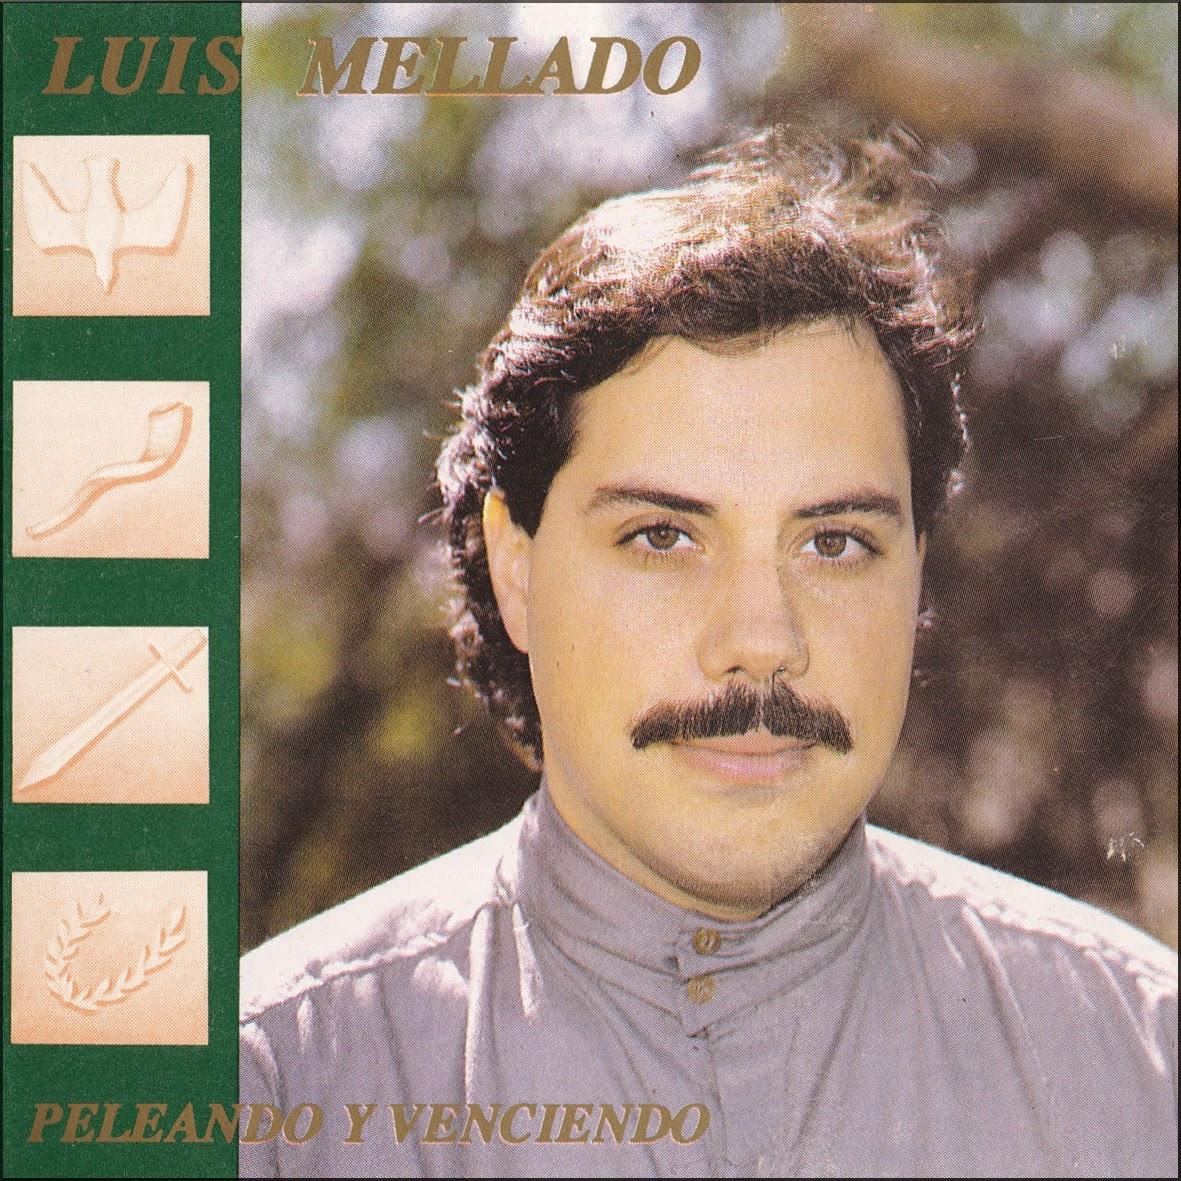 Luis Mellado-Peleando y Venciendo-